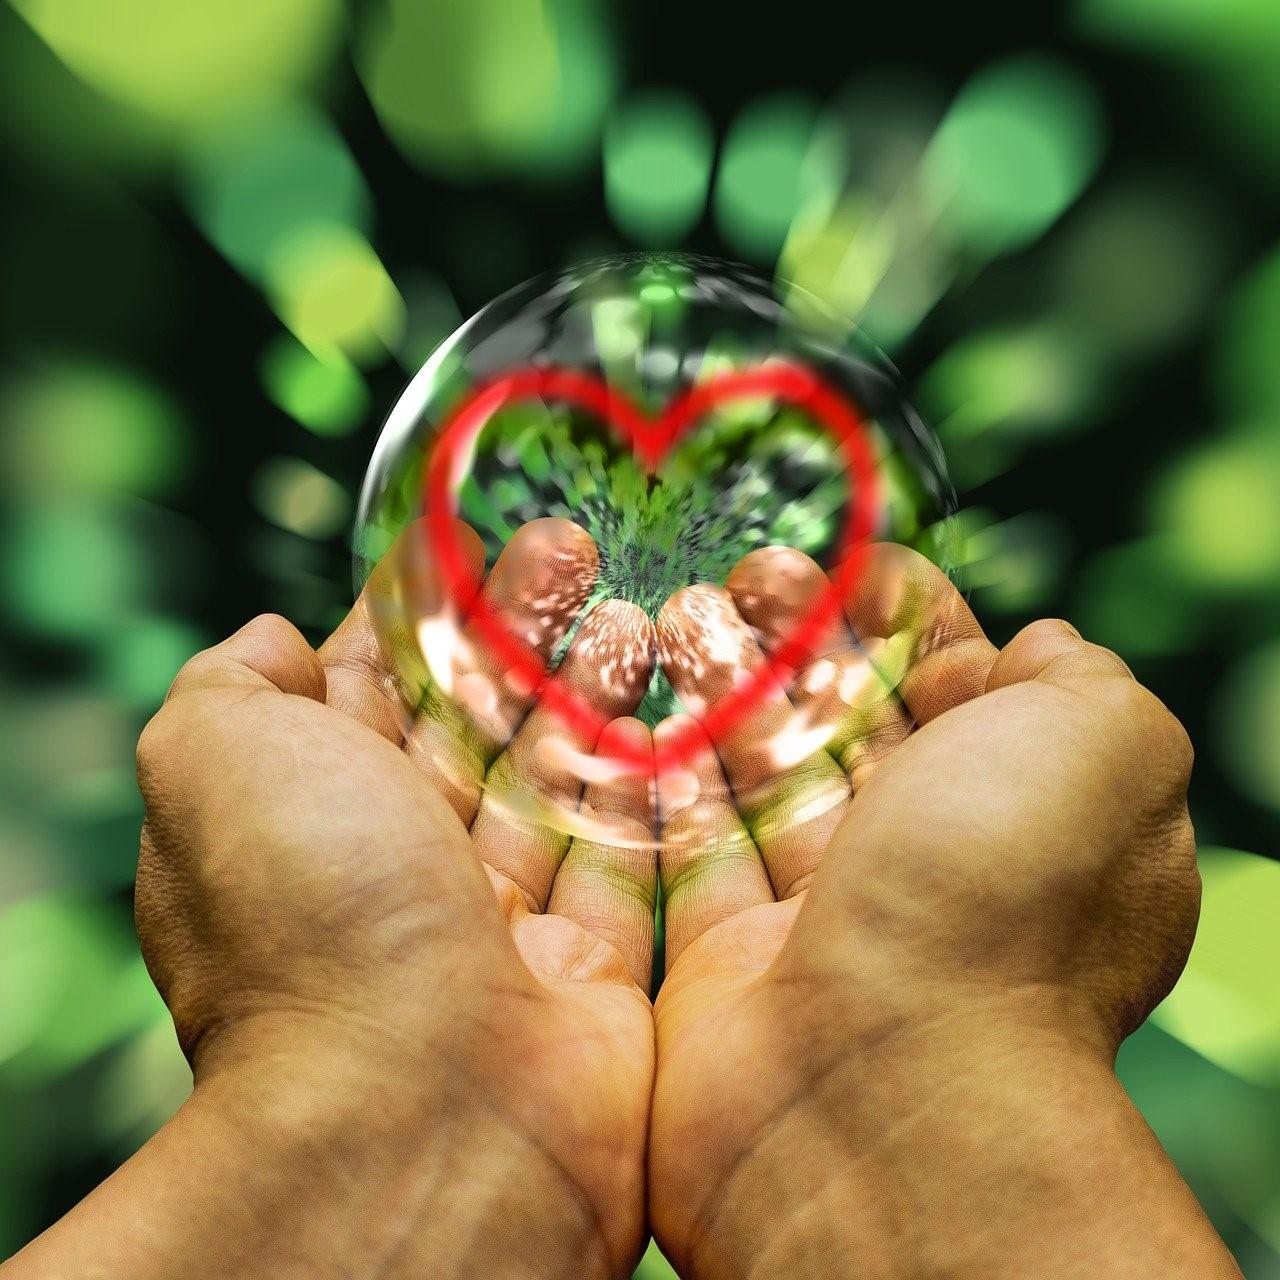 IWFM announces new framework for delivering social value